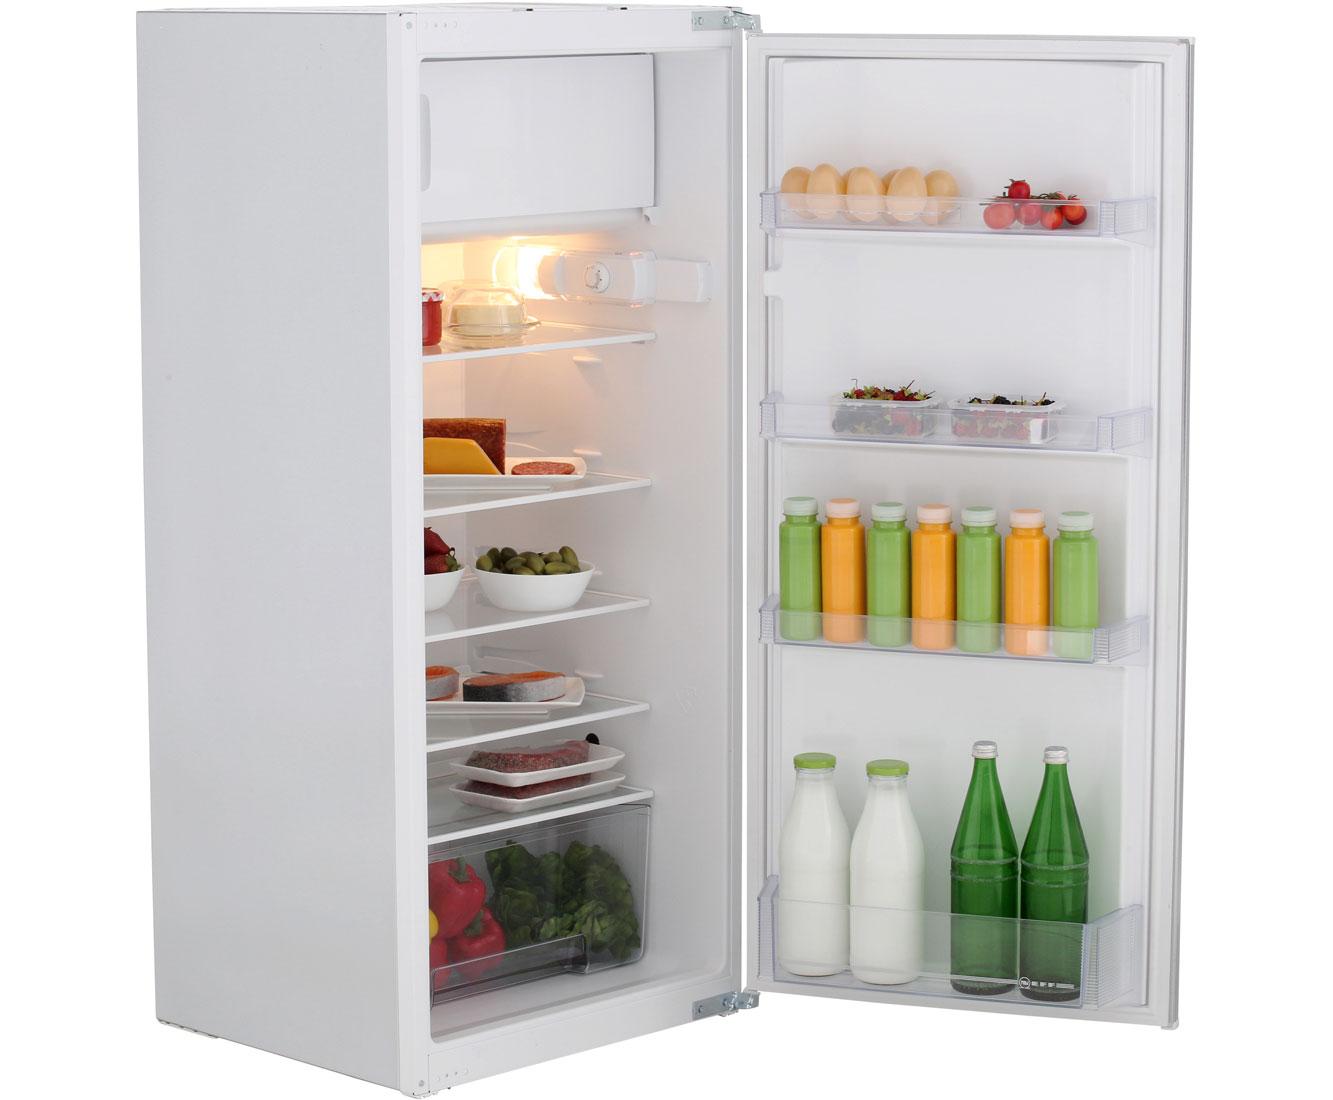 Mini Kühlschrank Für Tetrapack : Kühlschrank mit gefrierfach in leipzig südwest kühlschrank